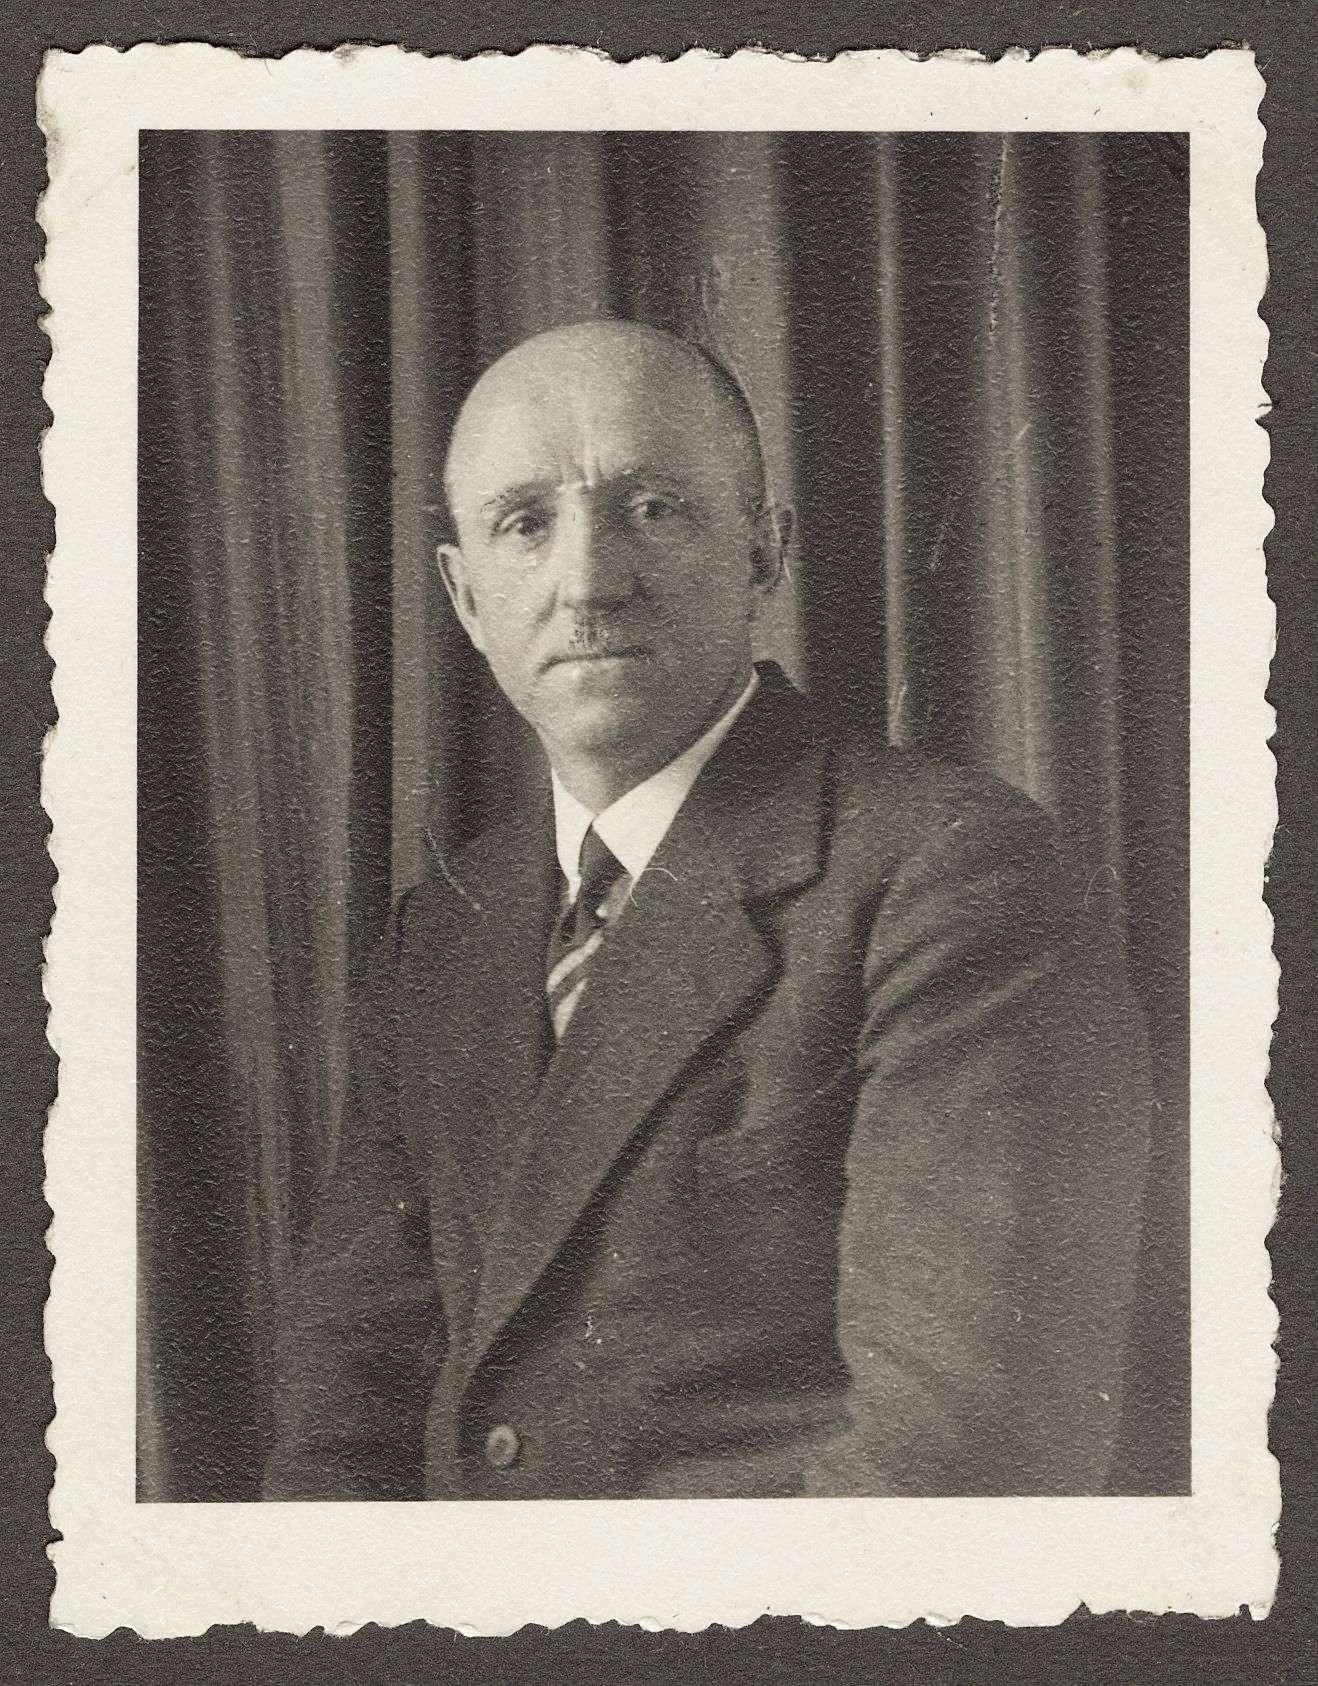 Faude, Adolf, Bild 1